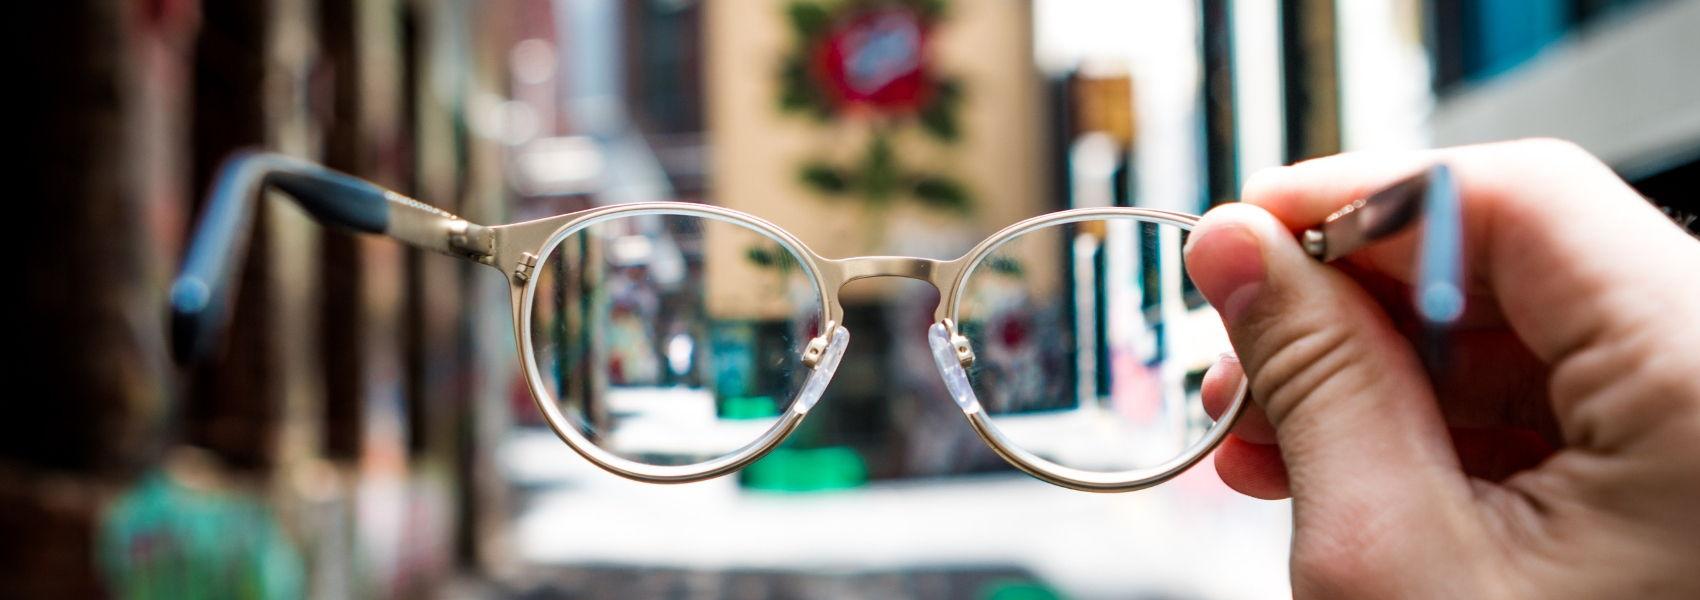 retinopatia pode causar cegueira